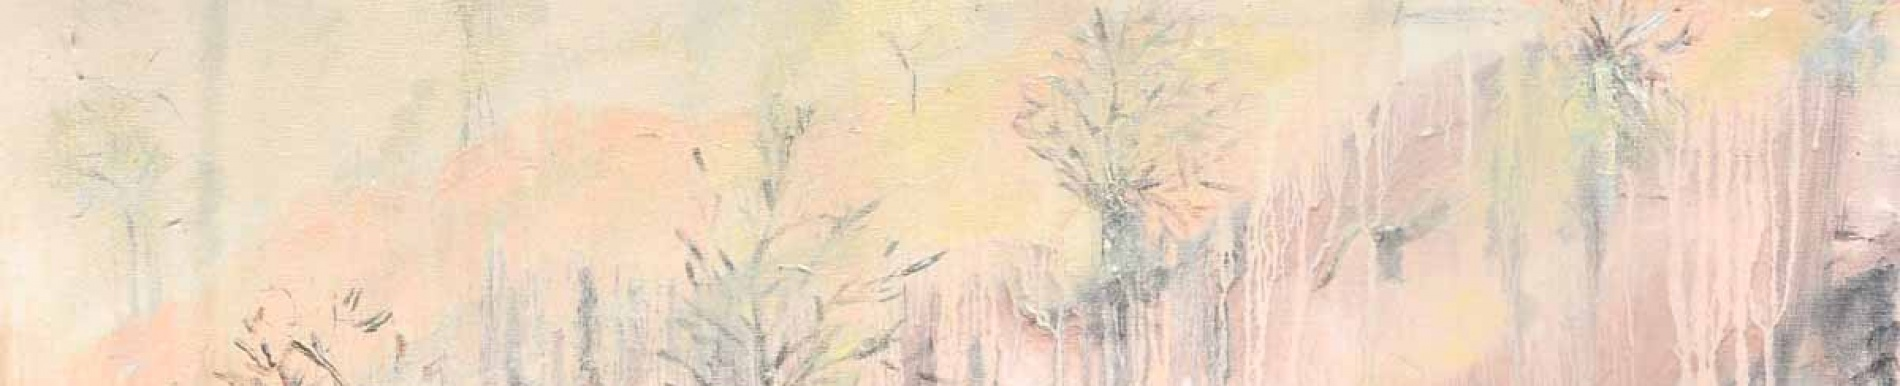 Zita Tarasevičienė  Tapyba / Painting